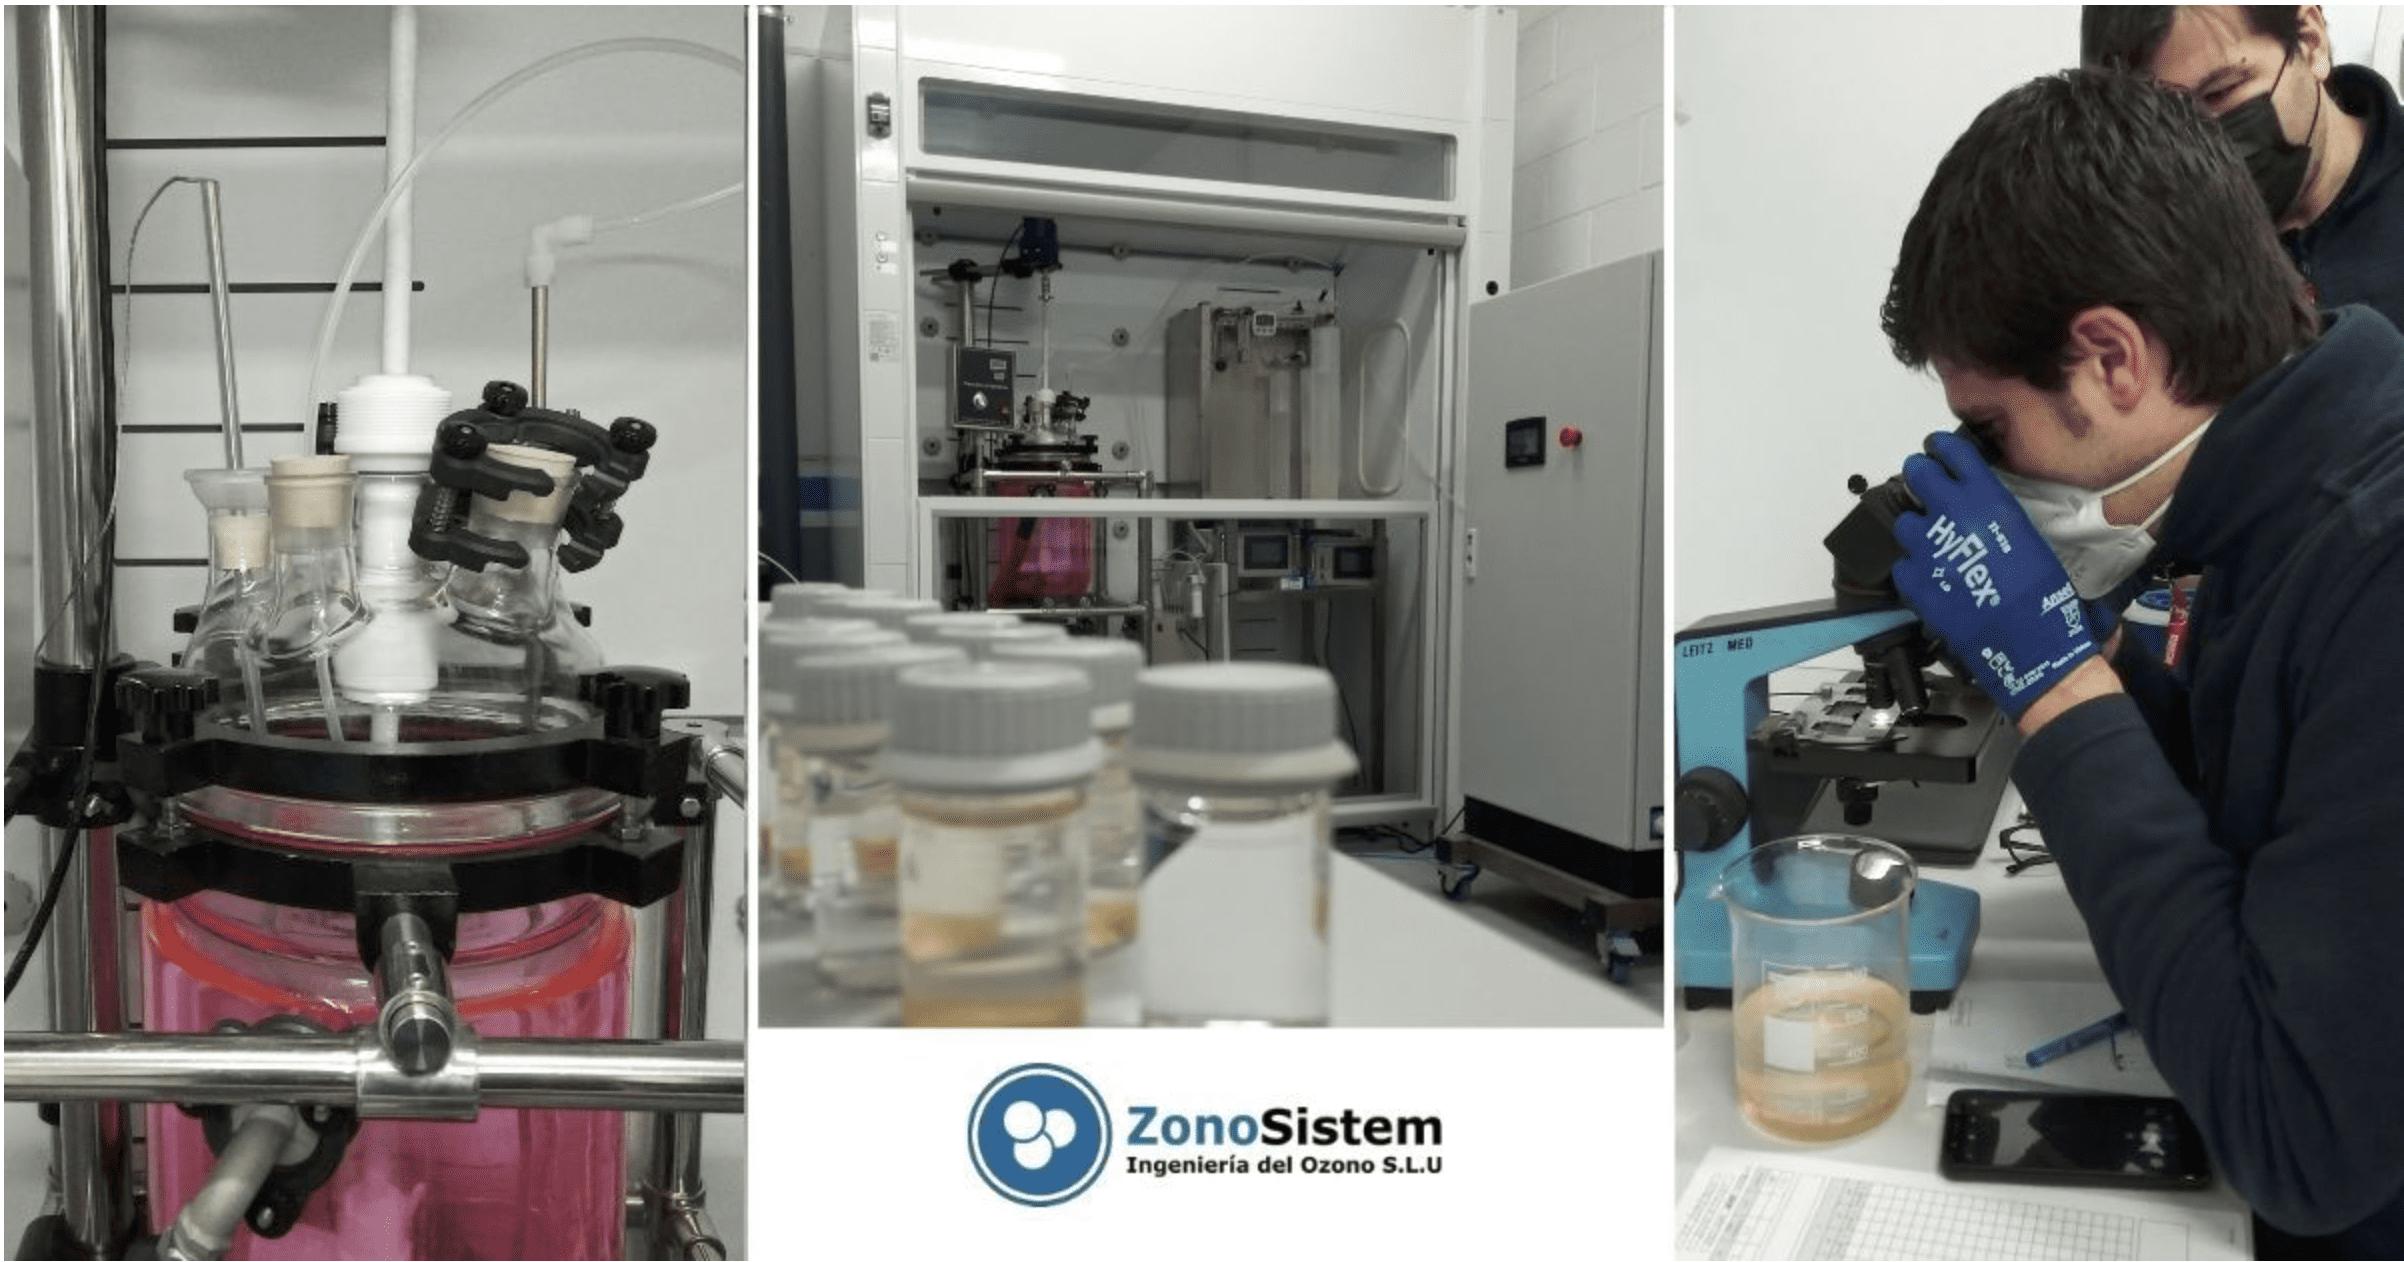 laboratorio-zonosistem-ozono-espana